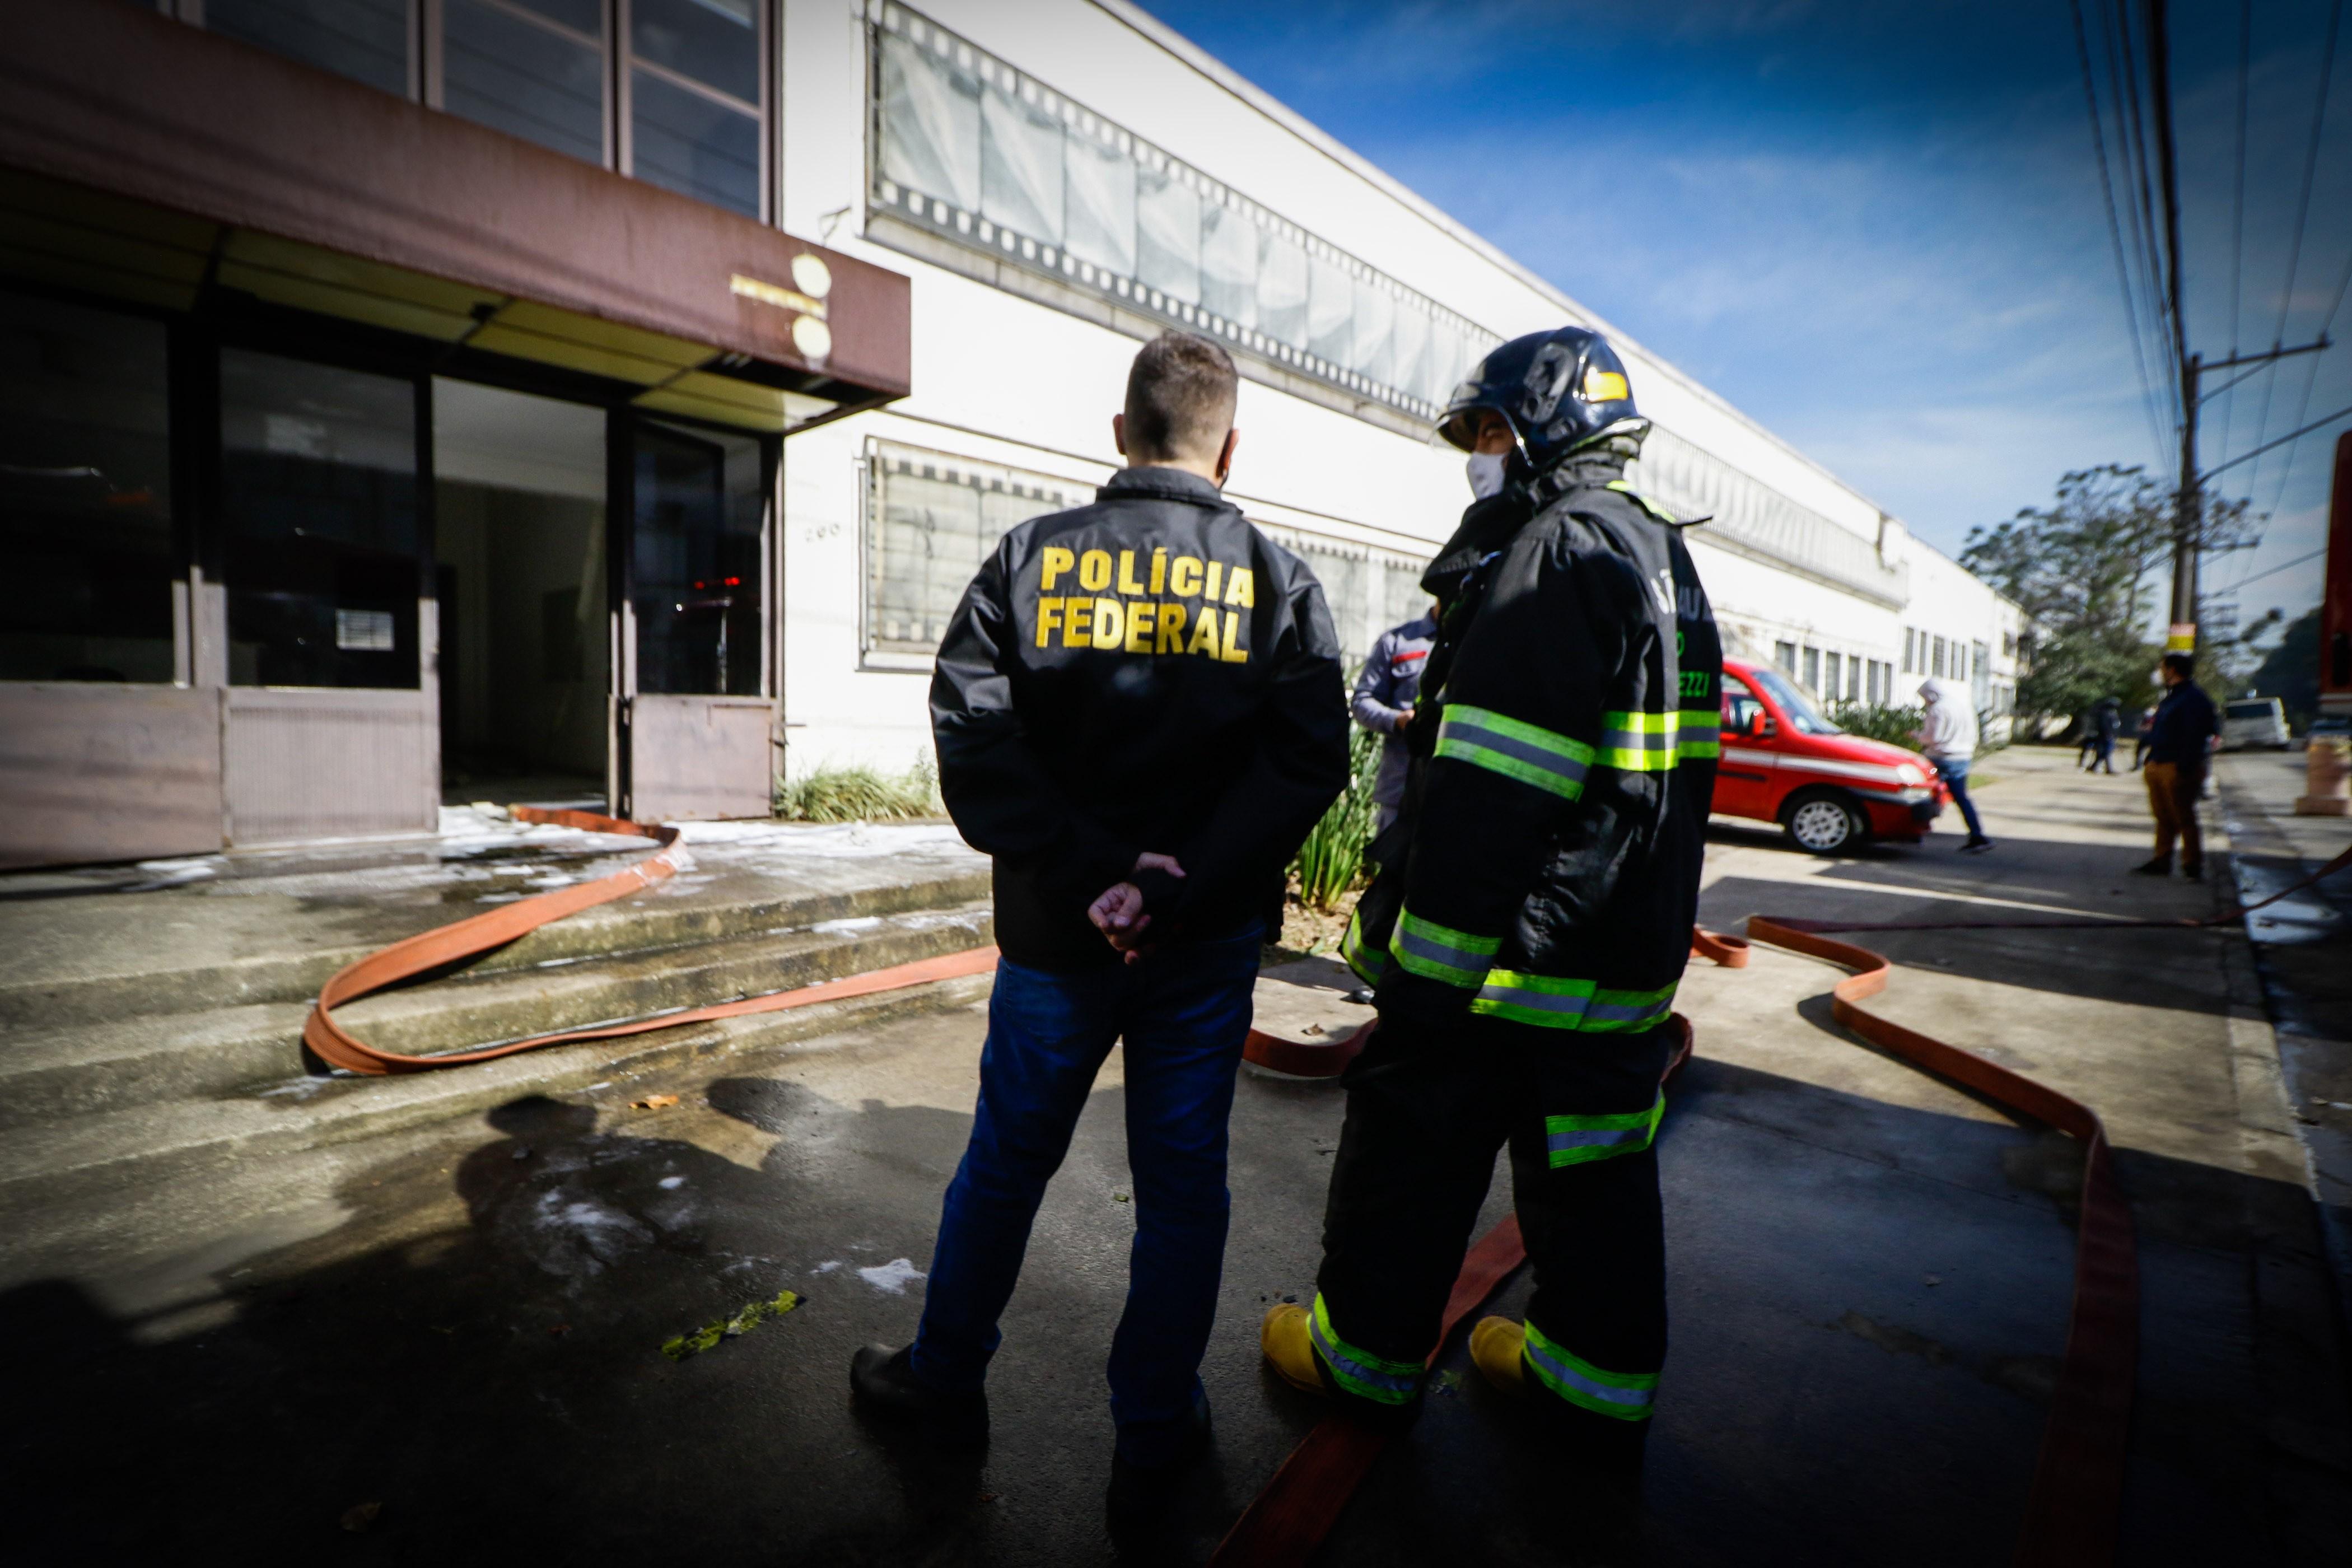 Fogo na Cinemateca: Após incêndio, procurador diz esperar que Justiça 'imprima senso de urgência' ao caso